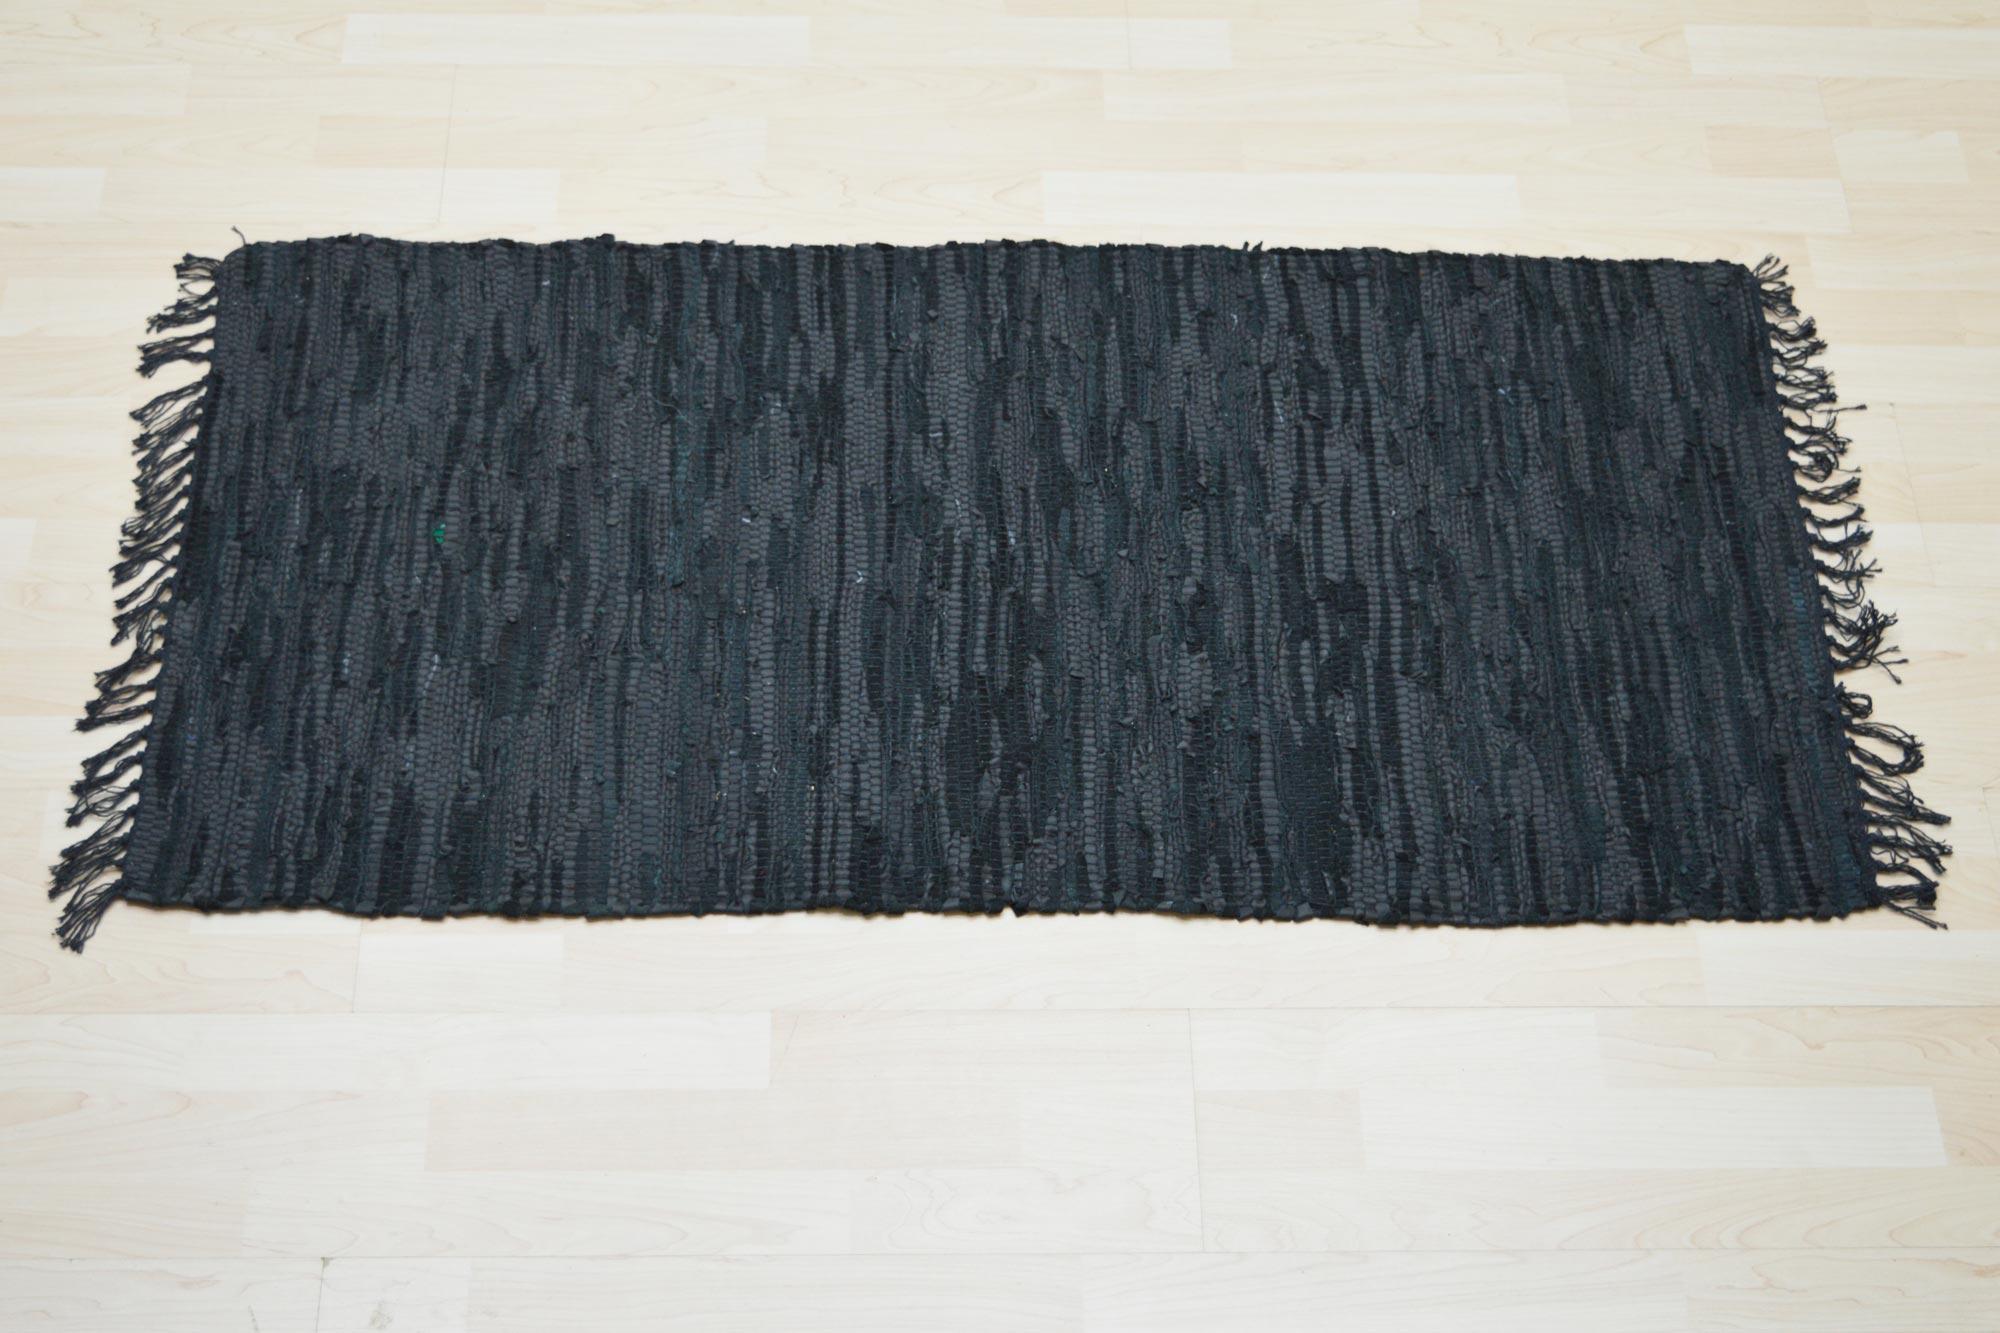 Πατάκια Flat Leather Black 70X150